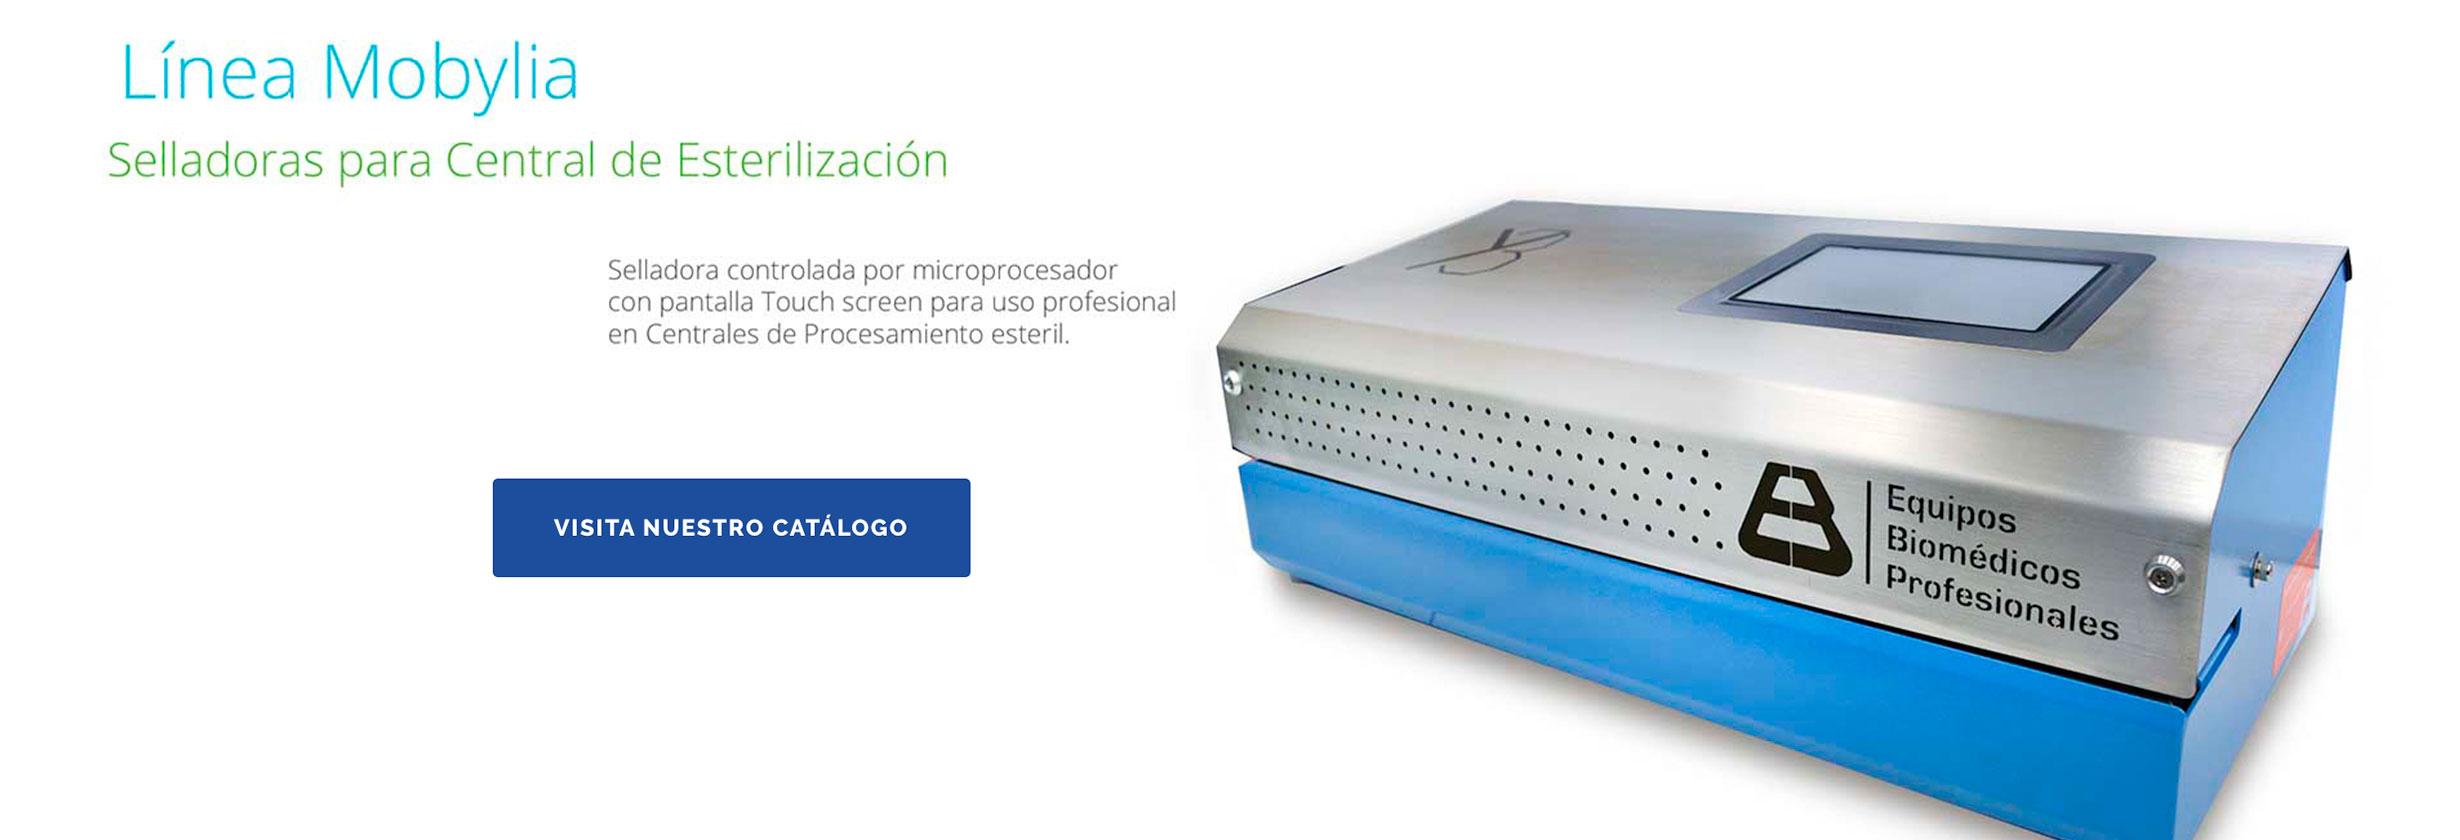 equipos-biomedicos_Selladora para central de esterilización / Normas, Embalaje y sellado